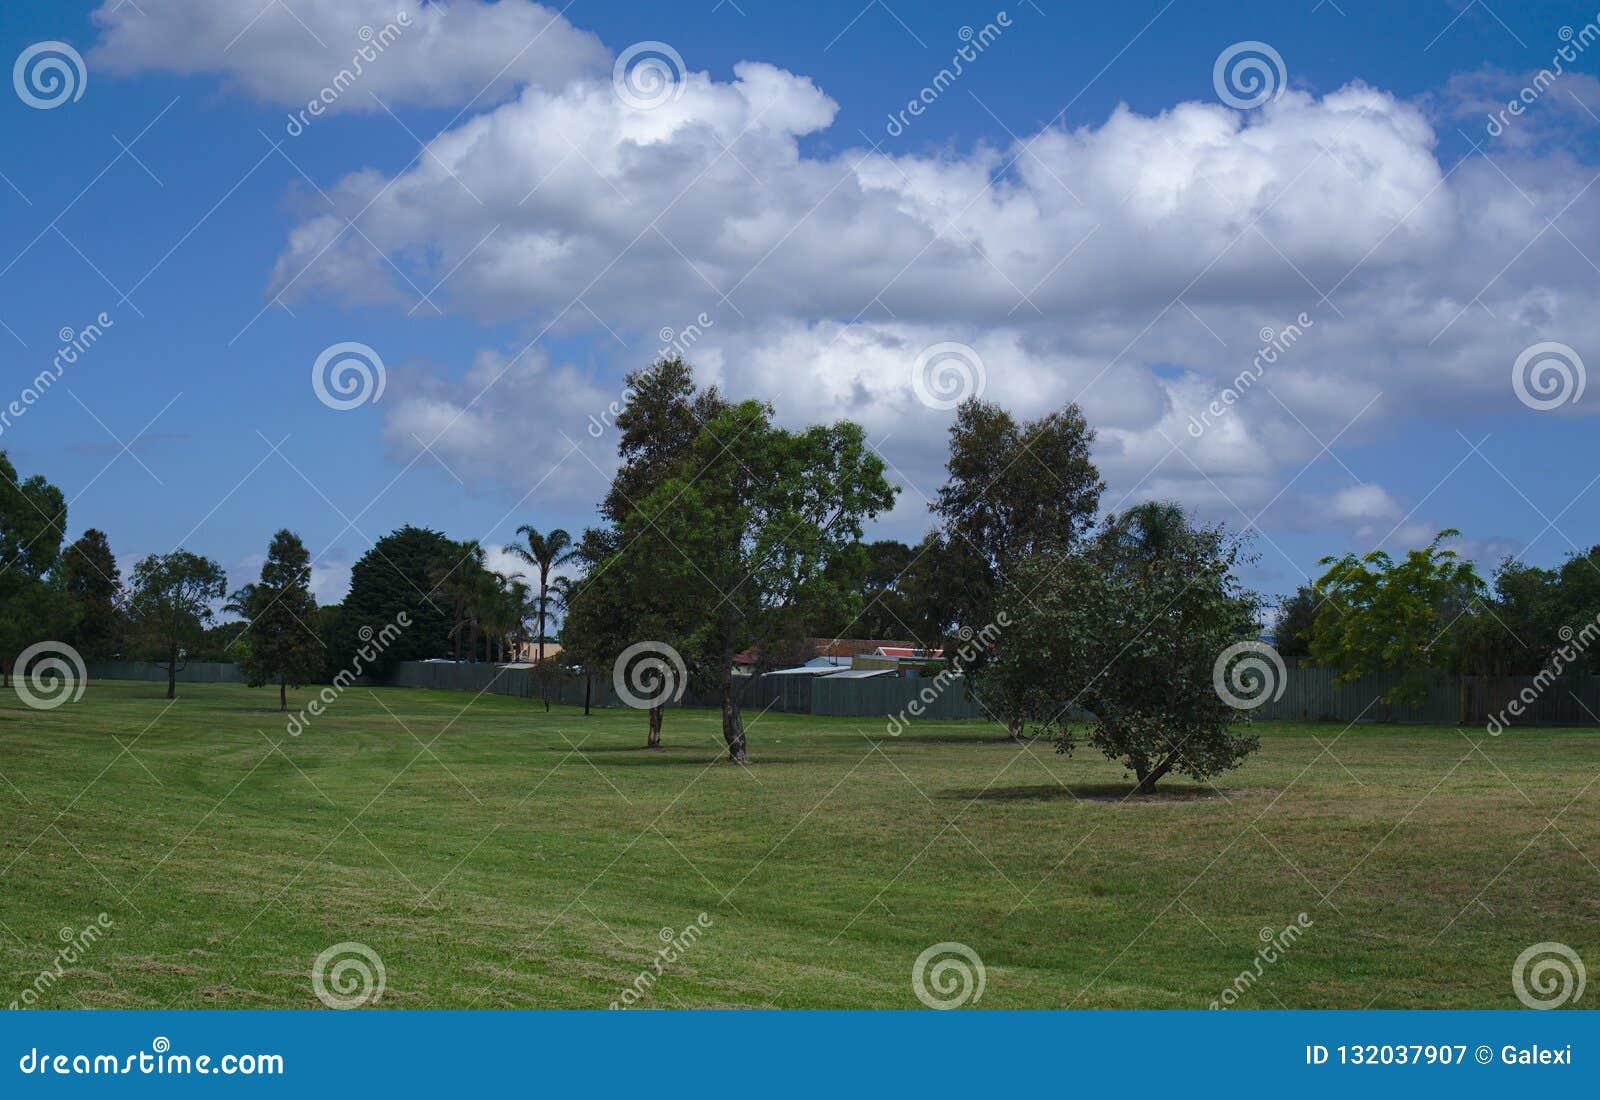 Hierba verde con algunos árboles